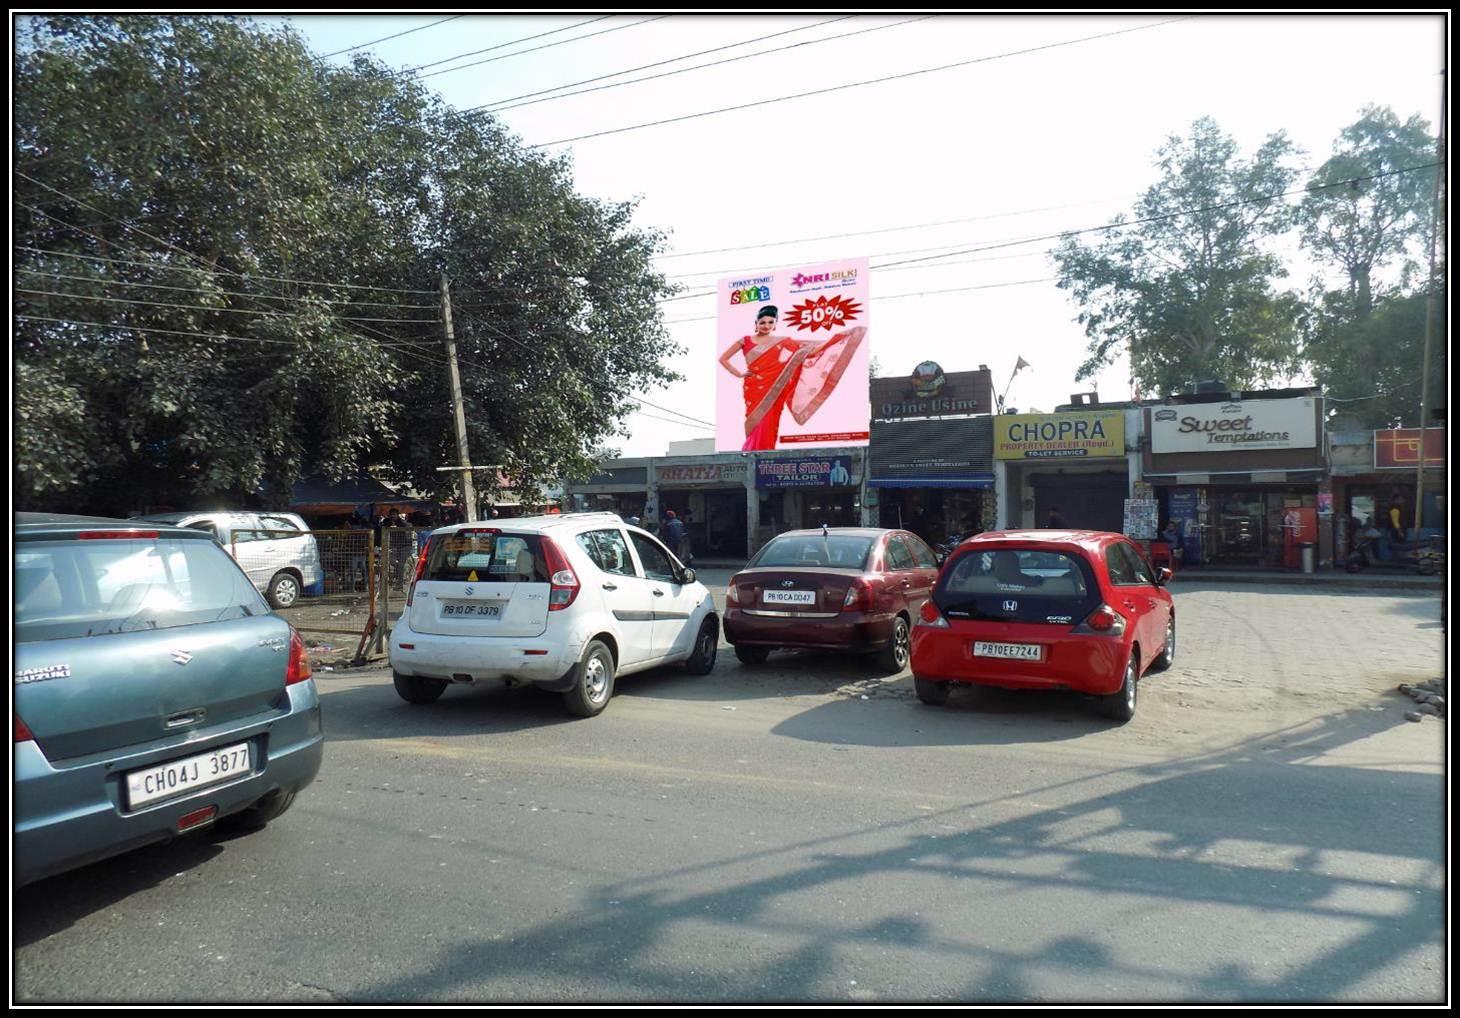 Udham Singh Nagar Main Market, Ludhiana